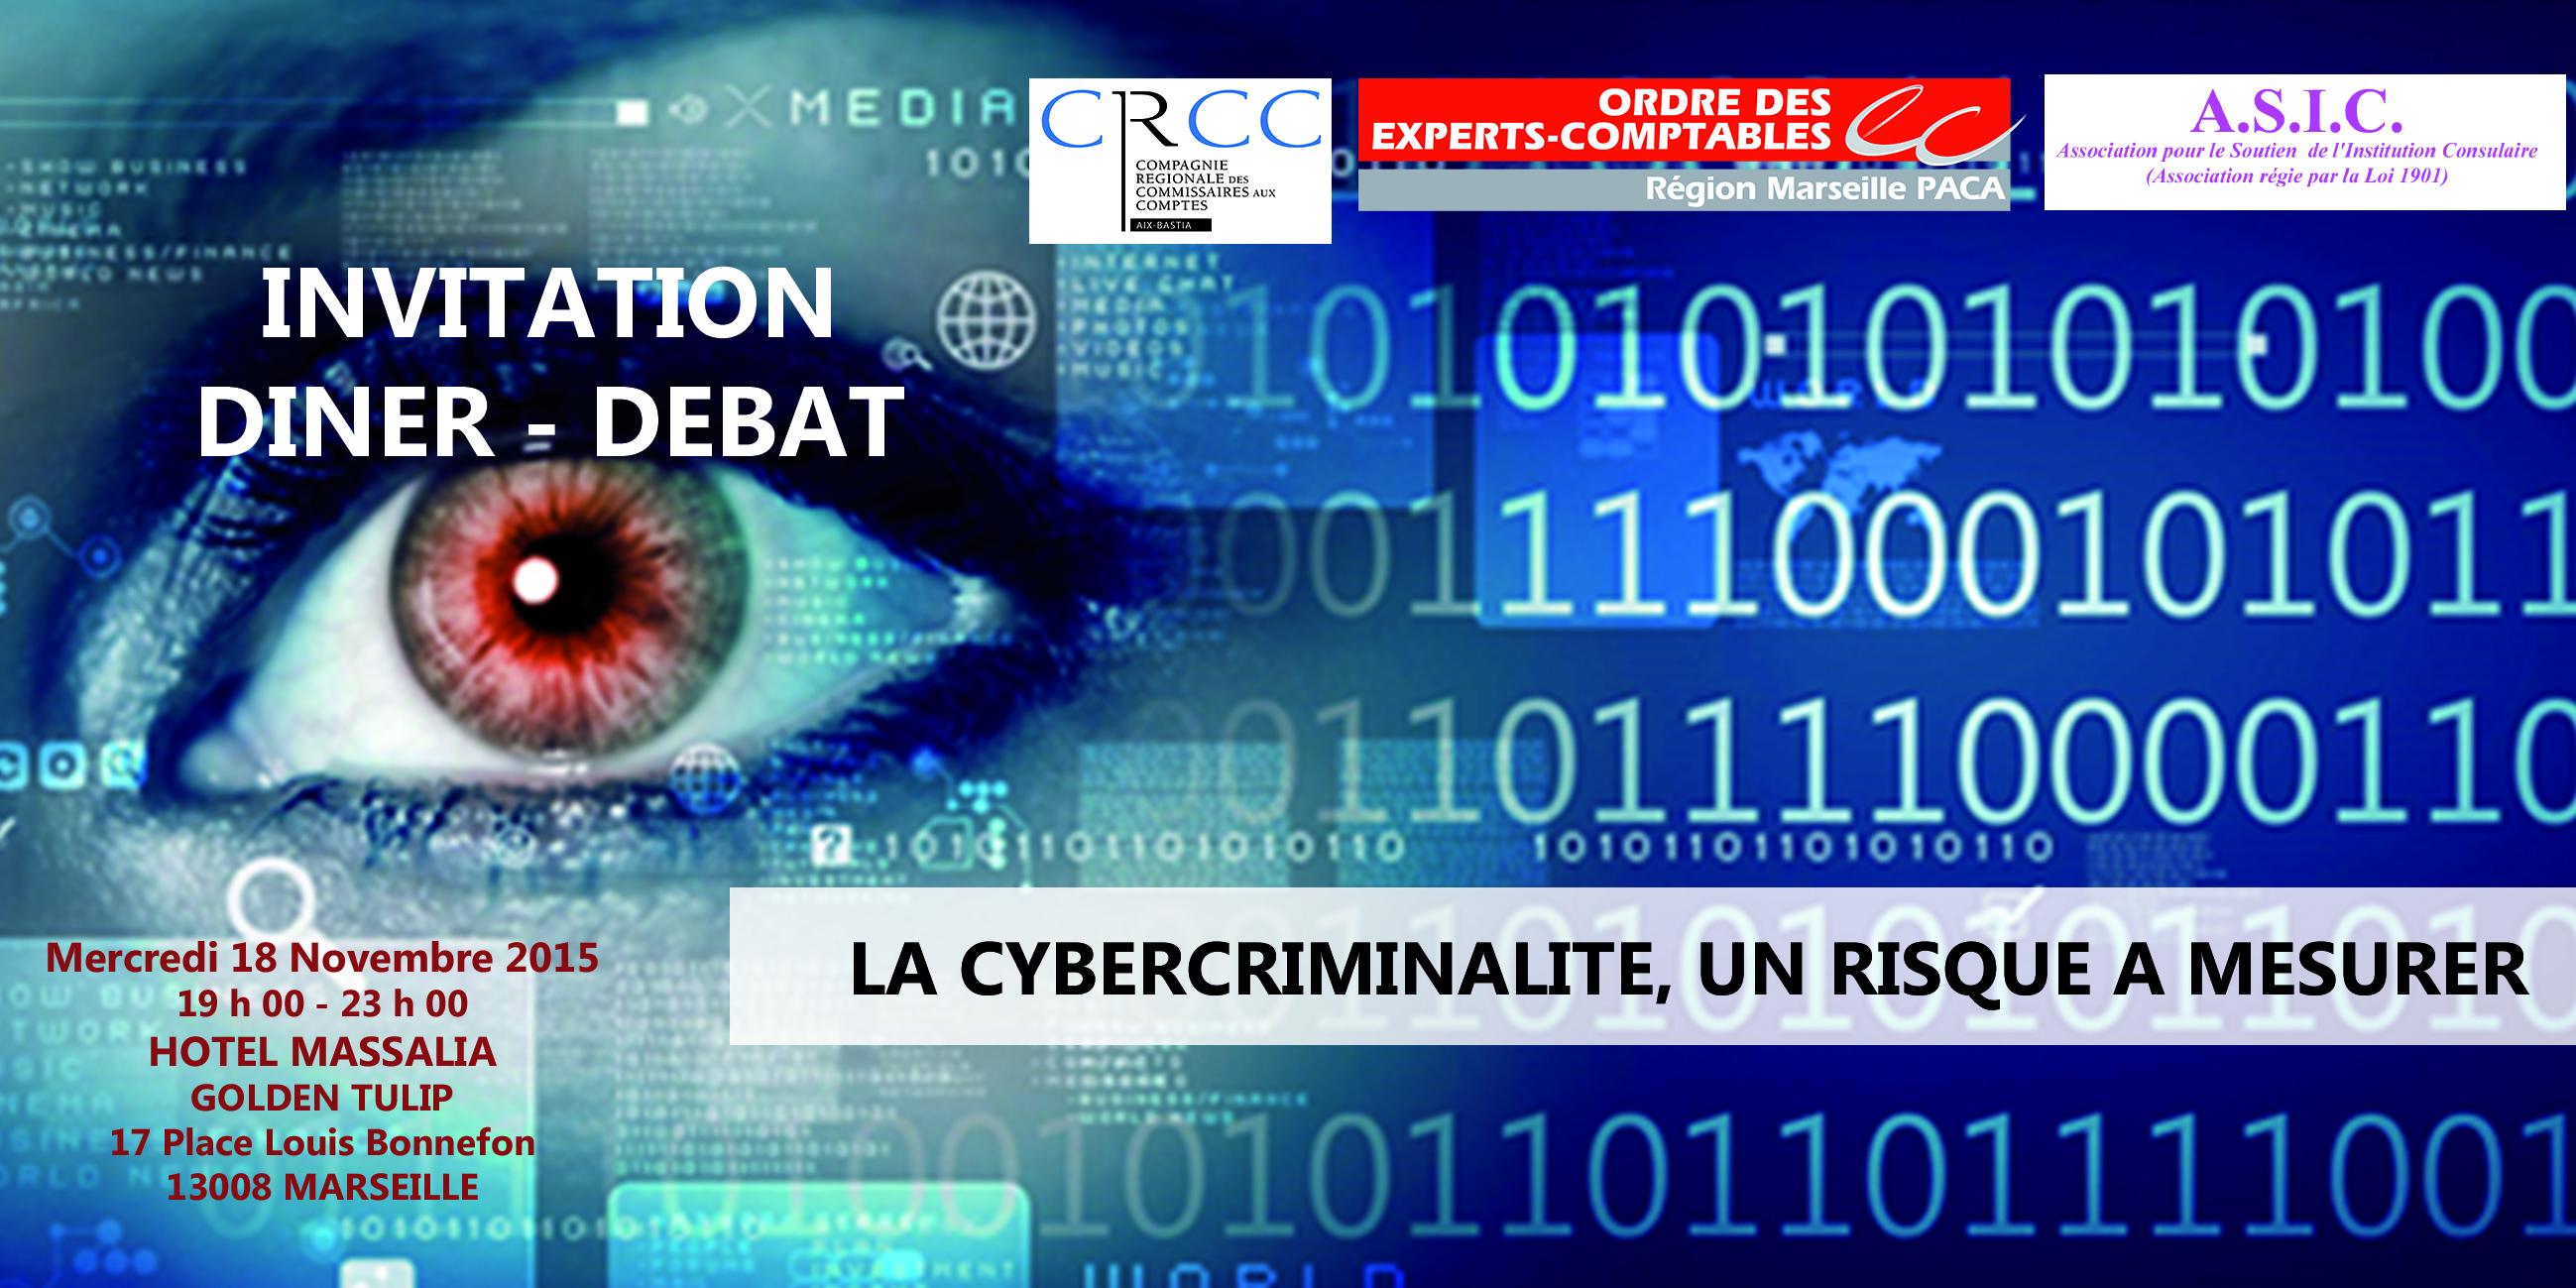 Visuel du dîner-débat sur la cybercriminalité, mercredi 18 novembre 2015, à Marseille  © CROEC Marseille Paca